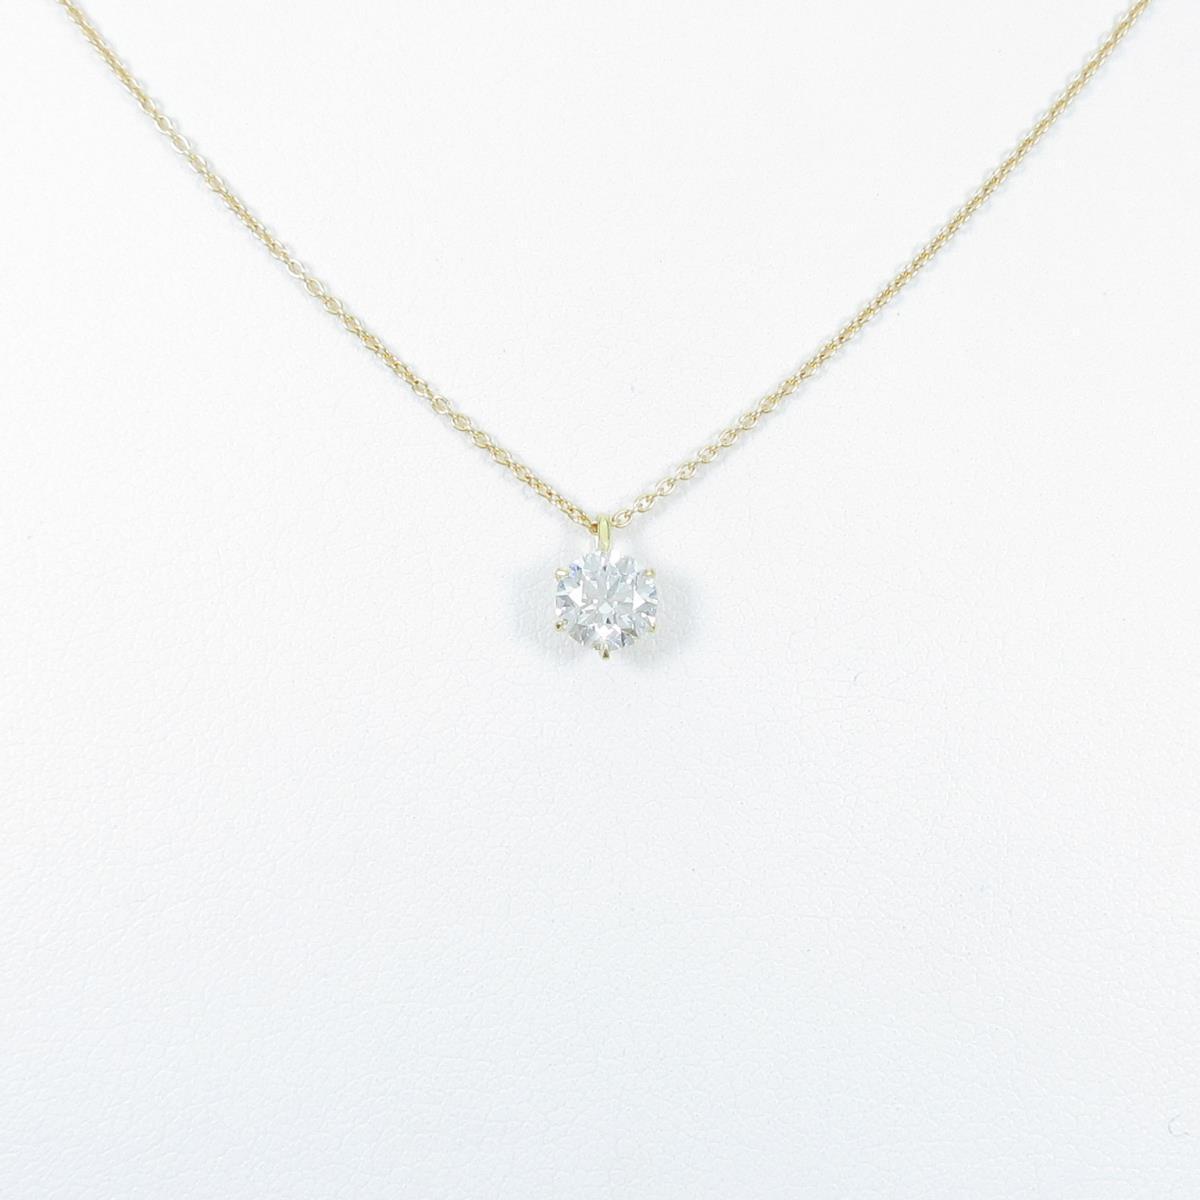 【リメイク】K18YG ダイヤモンドネックレス 0.526ct・E・VVS1・EXT【中古】